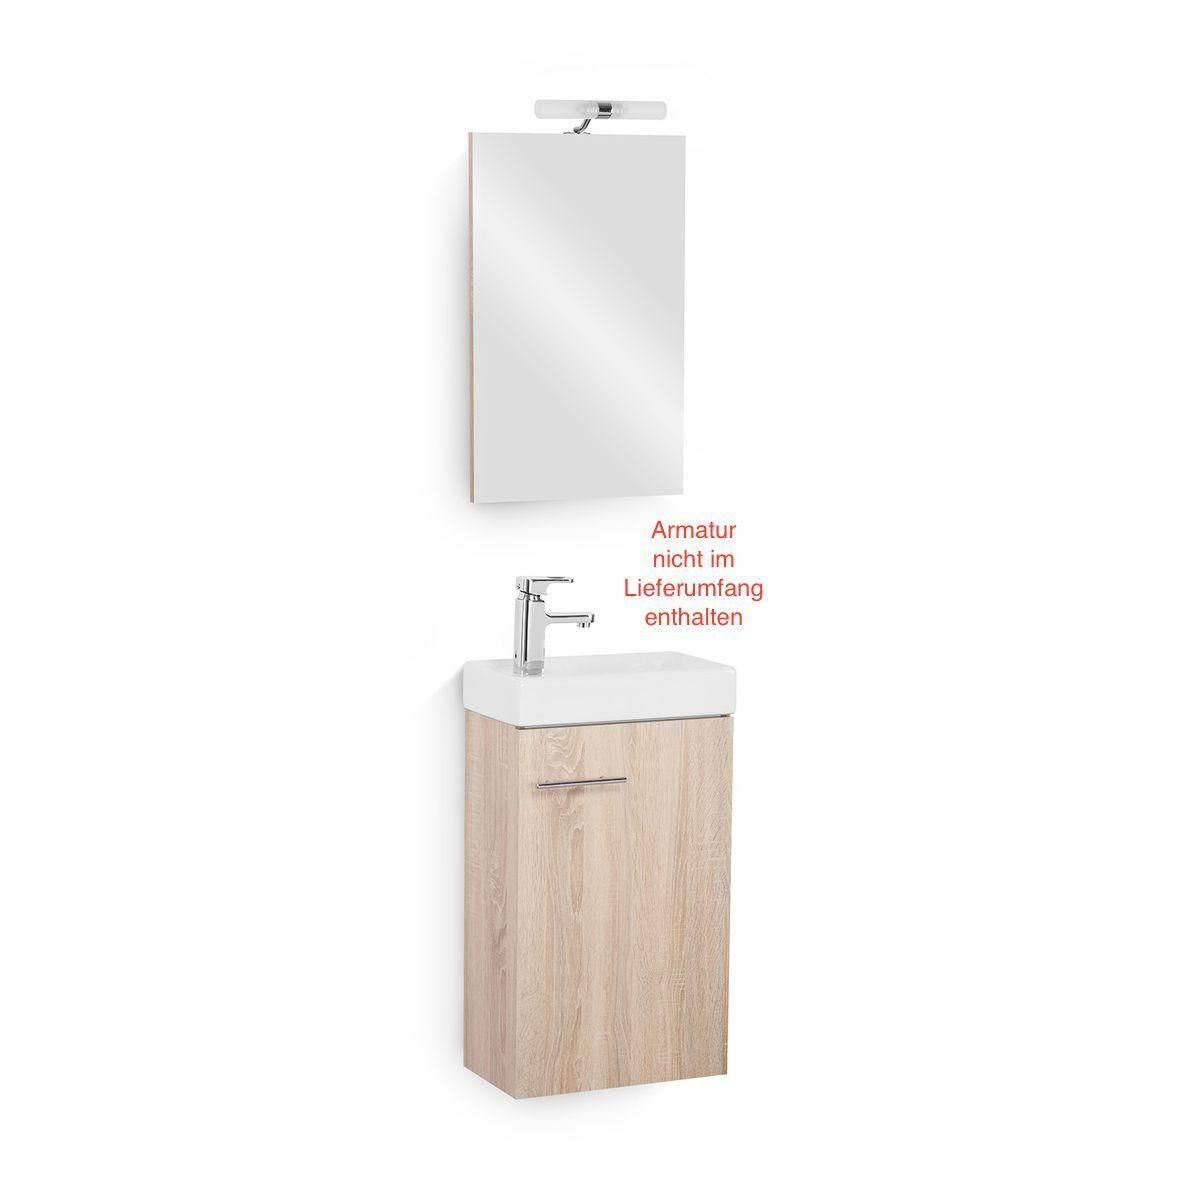 Gäste WC Set Gästebad Badmöbel Waschbecken Waschtisch Spiegel Beleuchtung Eiche